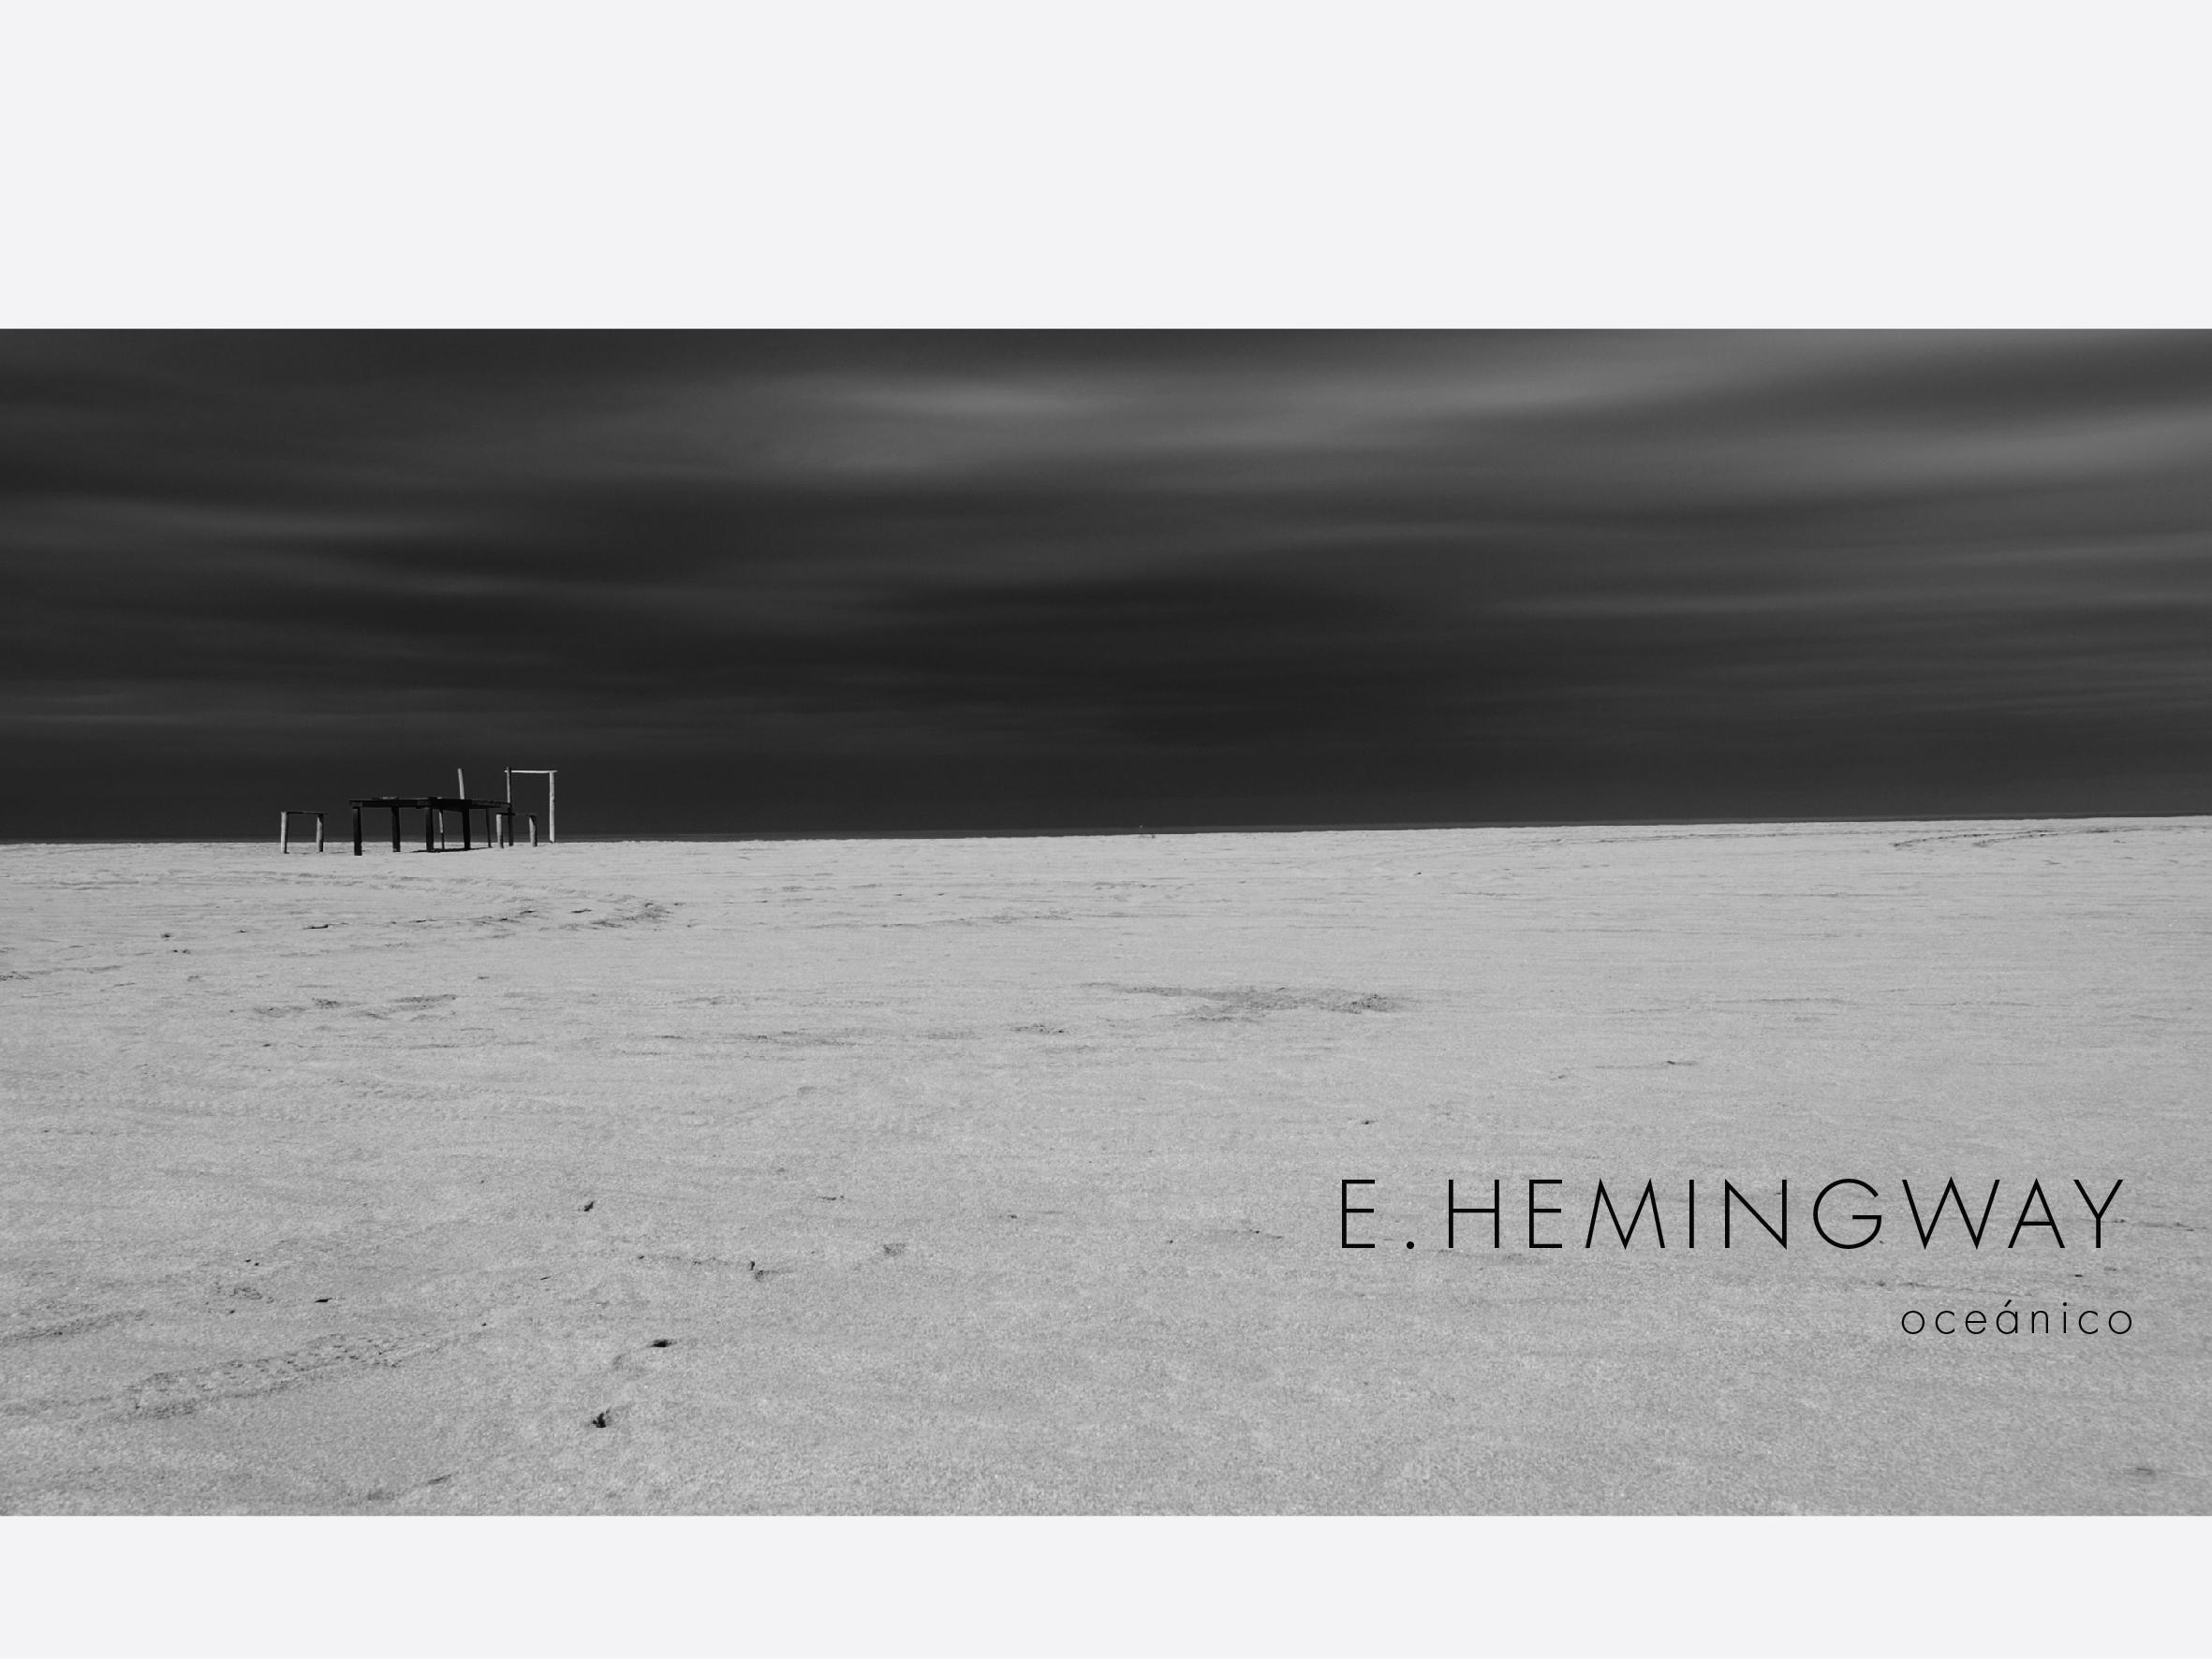 EHemingway02-enero2018-04.jpg